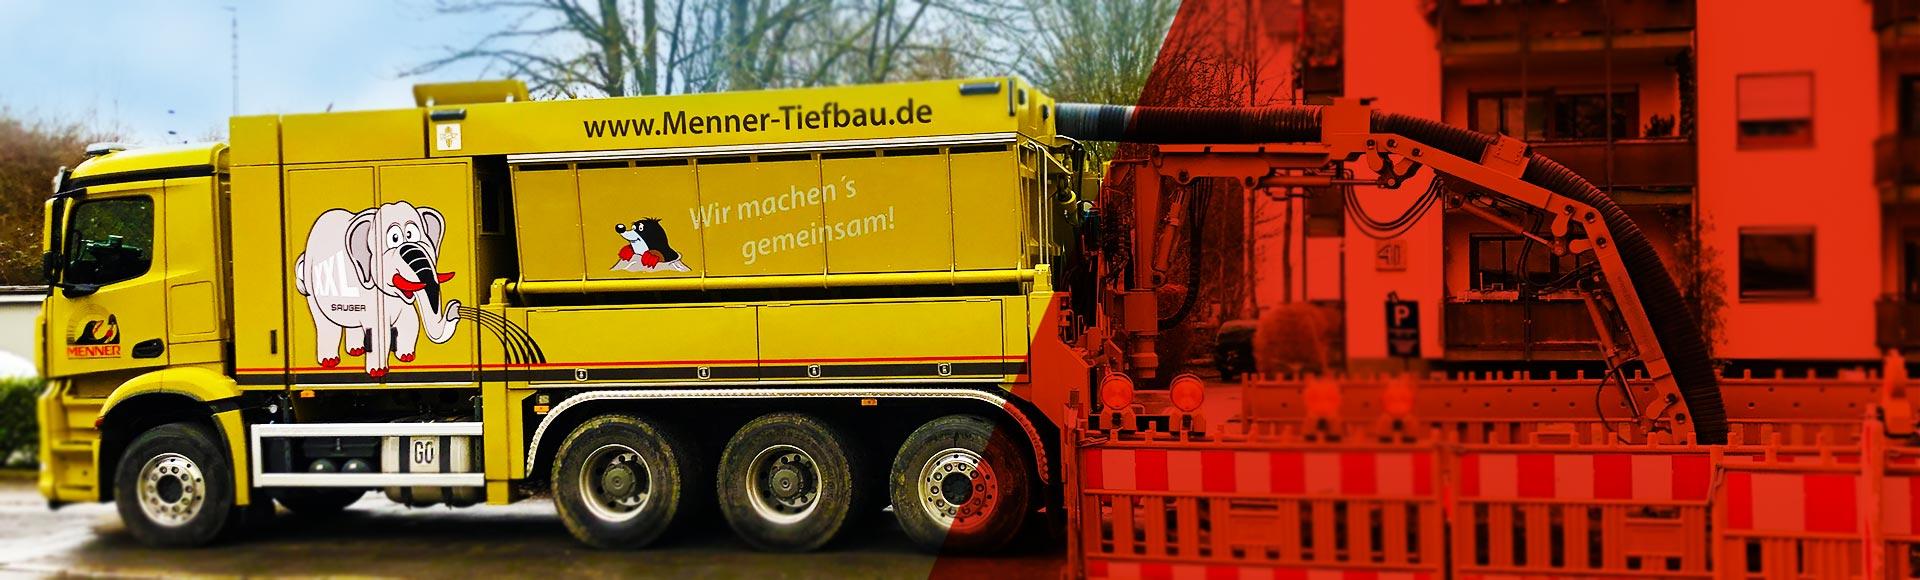 Saugbagger - Saugbaggerarbeiten - Menner Tiefbau Breisach